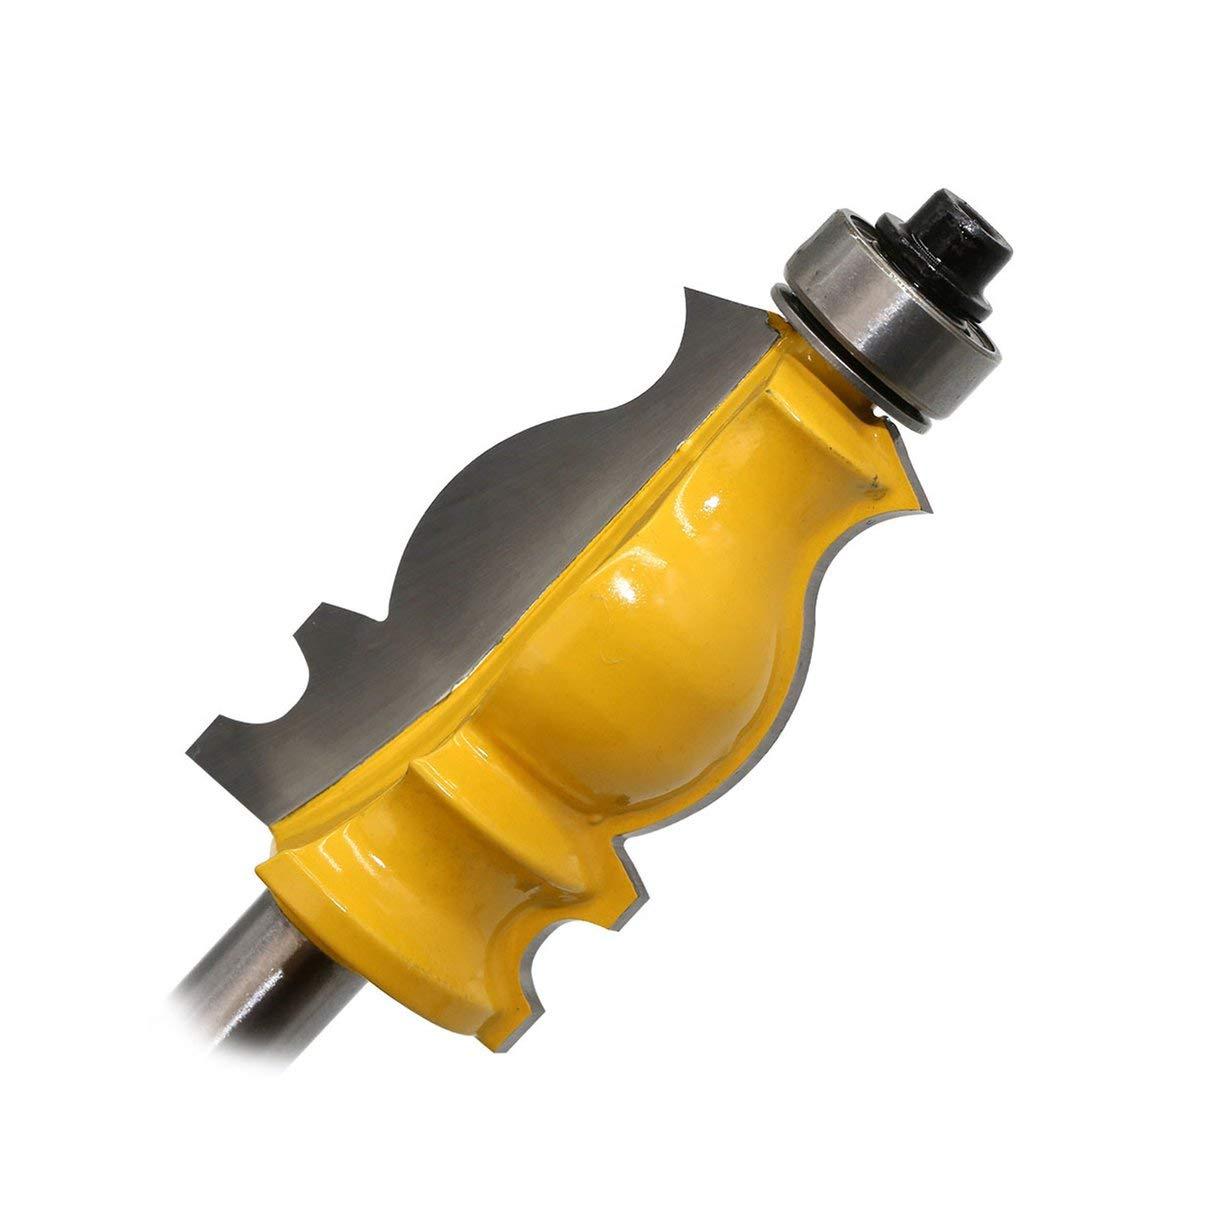 jaune et argent 8MM Shank Architectural Ciment/é Moulure /À B/âton Fraise /À Bois Fraise Outils /Électriques Coupe Bois Fraise